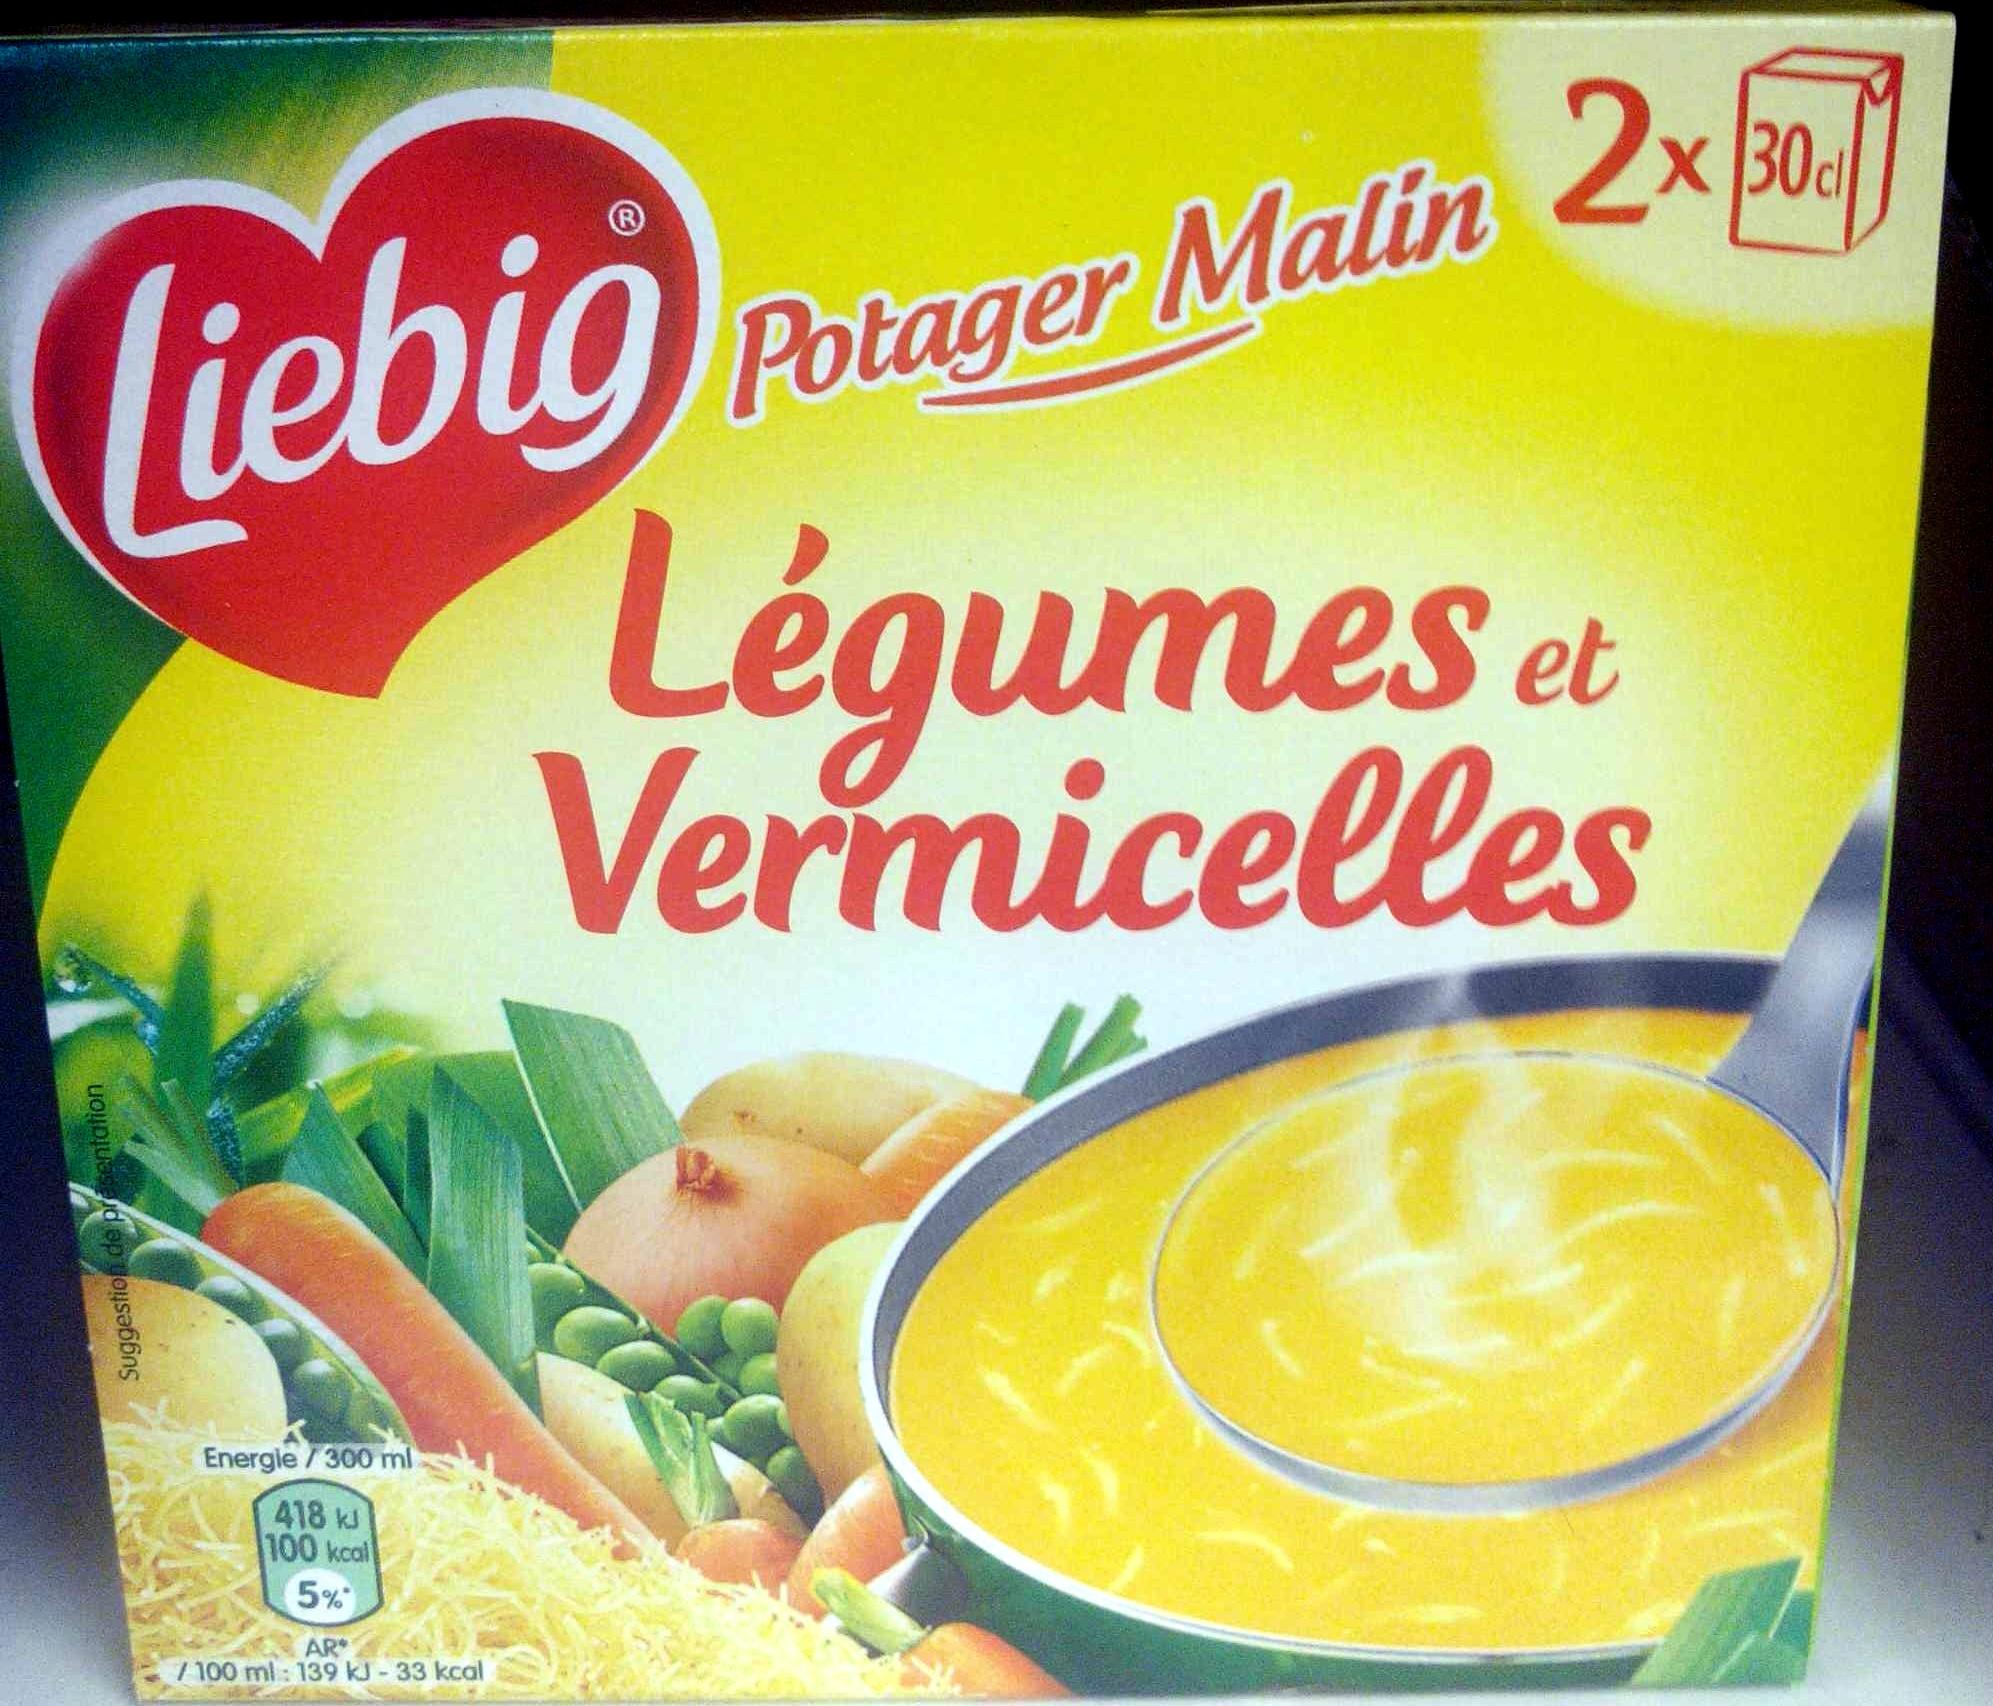 Légumes et vermicelles - Product - fr